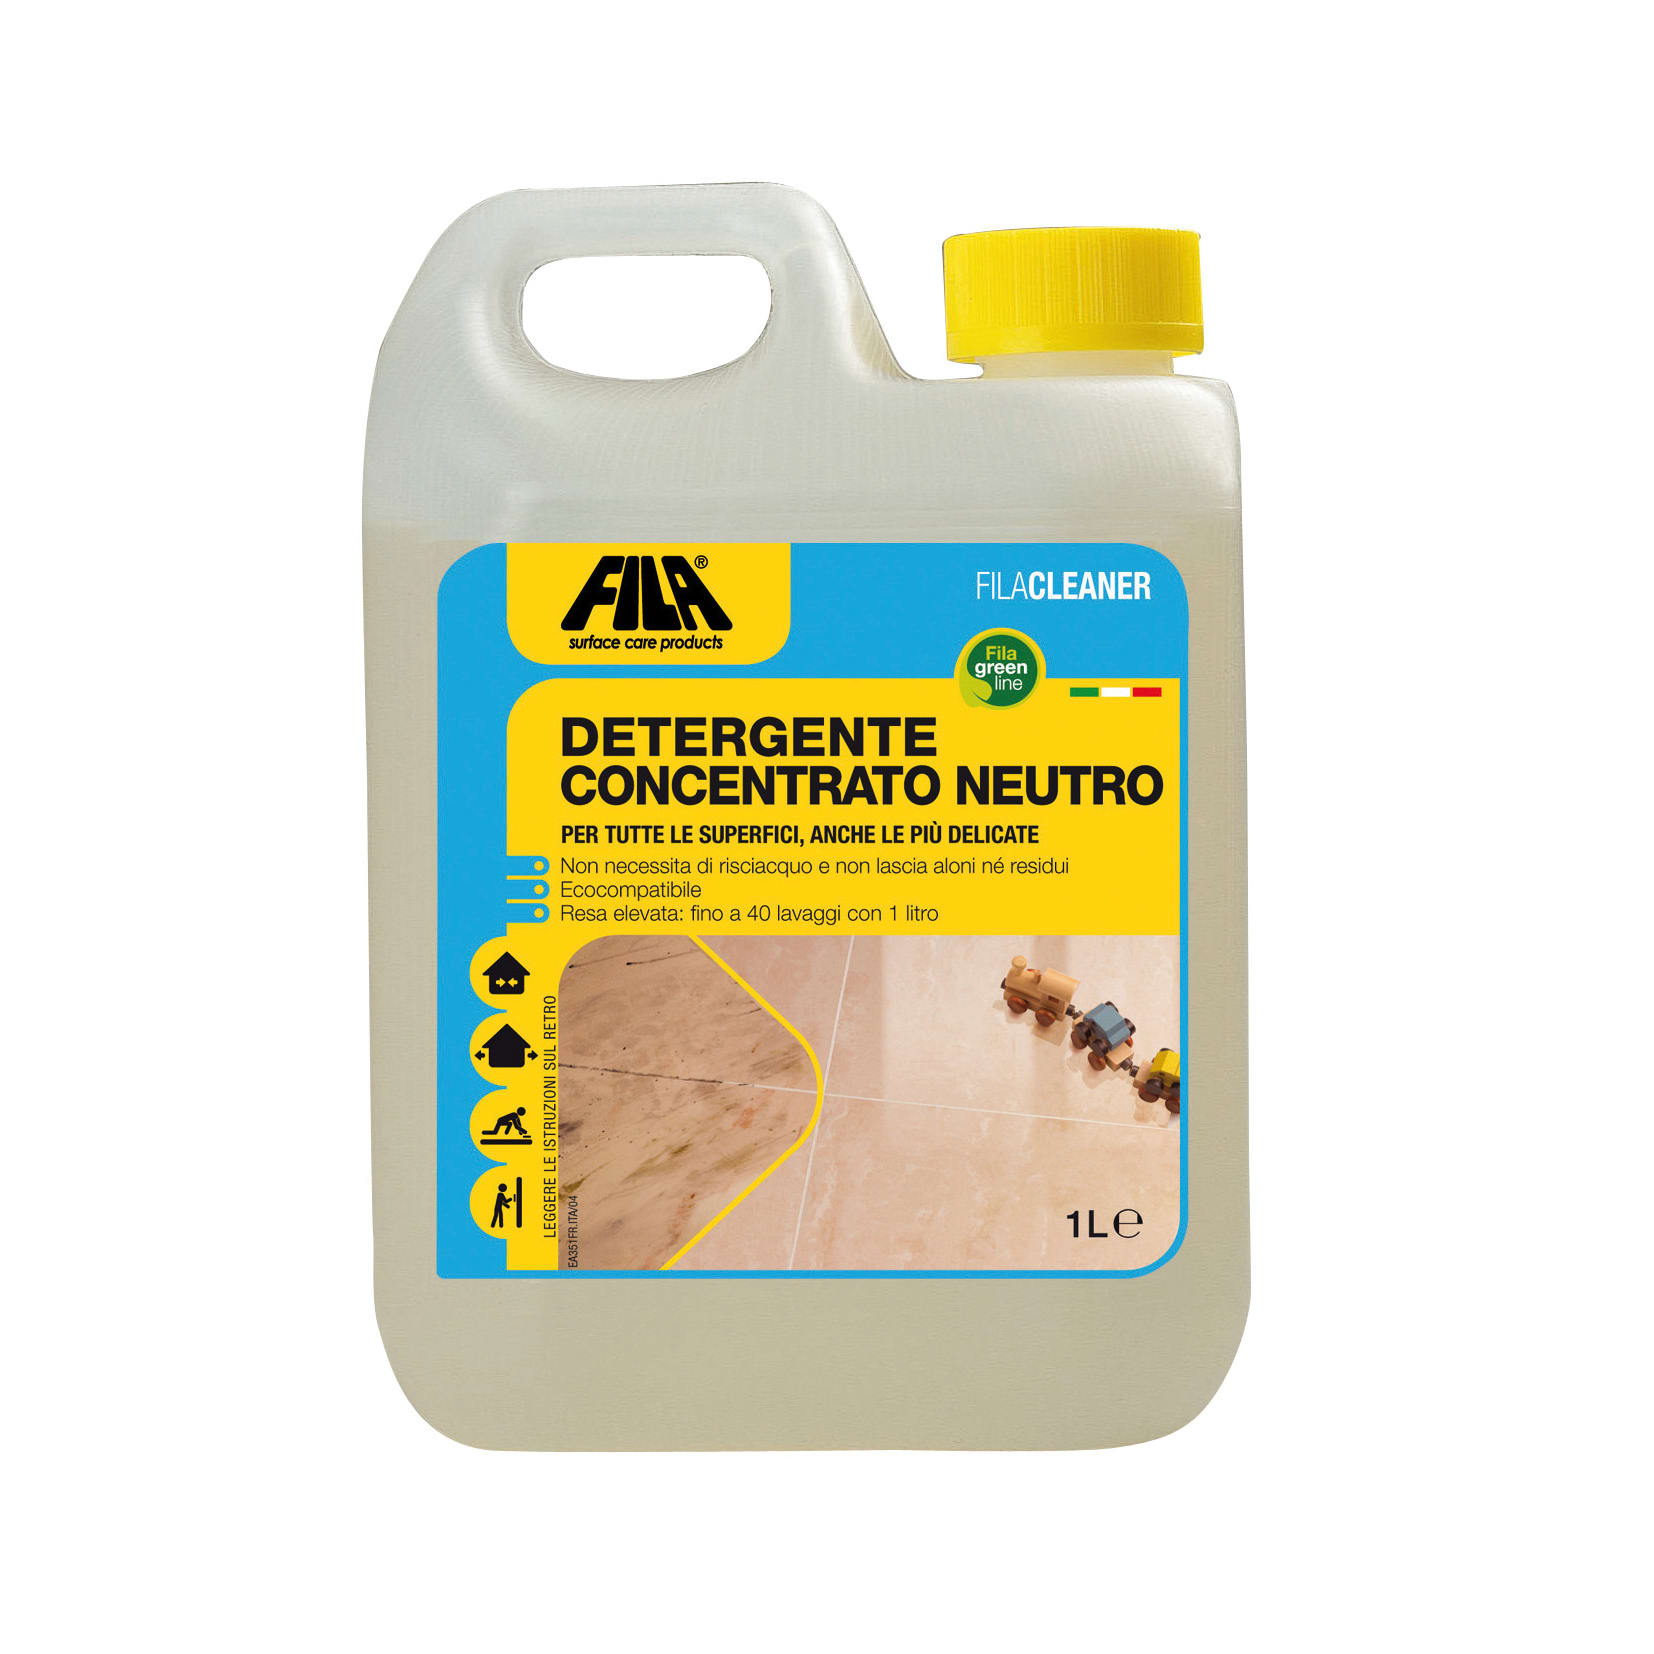 Prodotti Per Pulire Cotto Esterno detergente fila cleaner